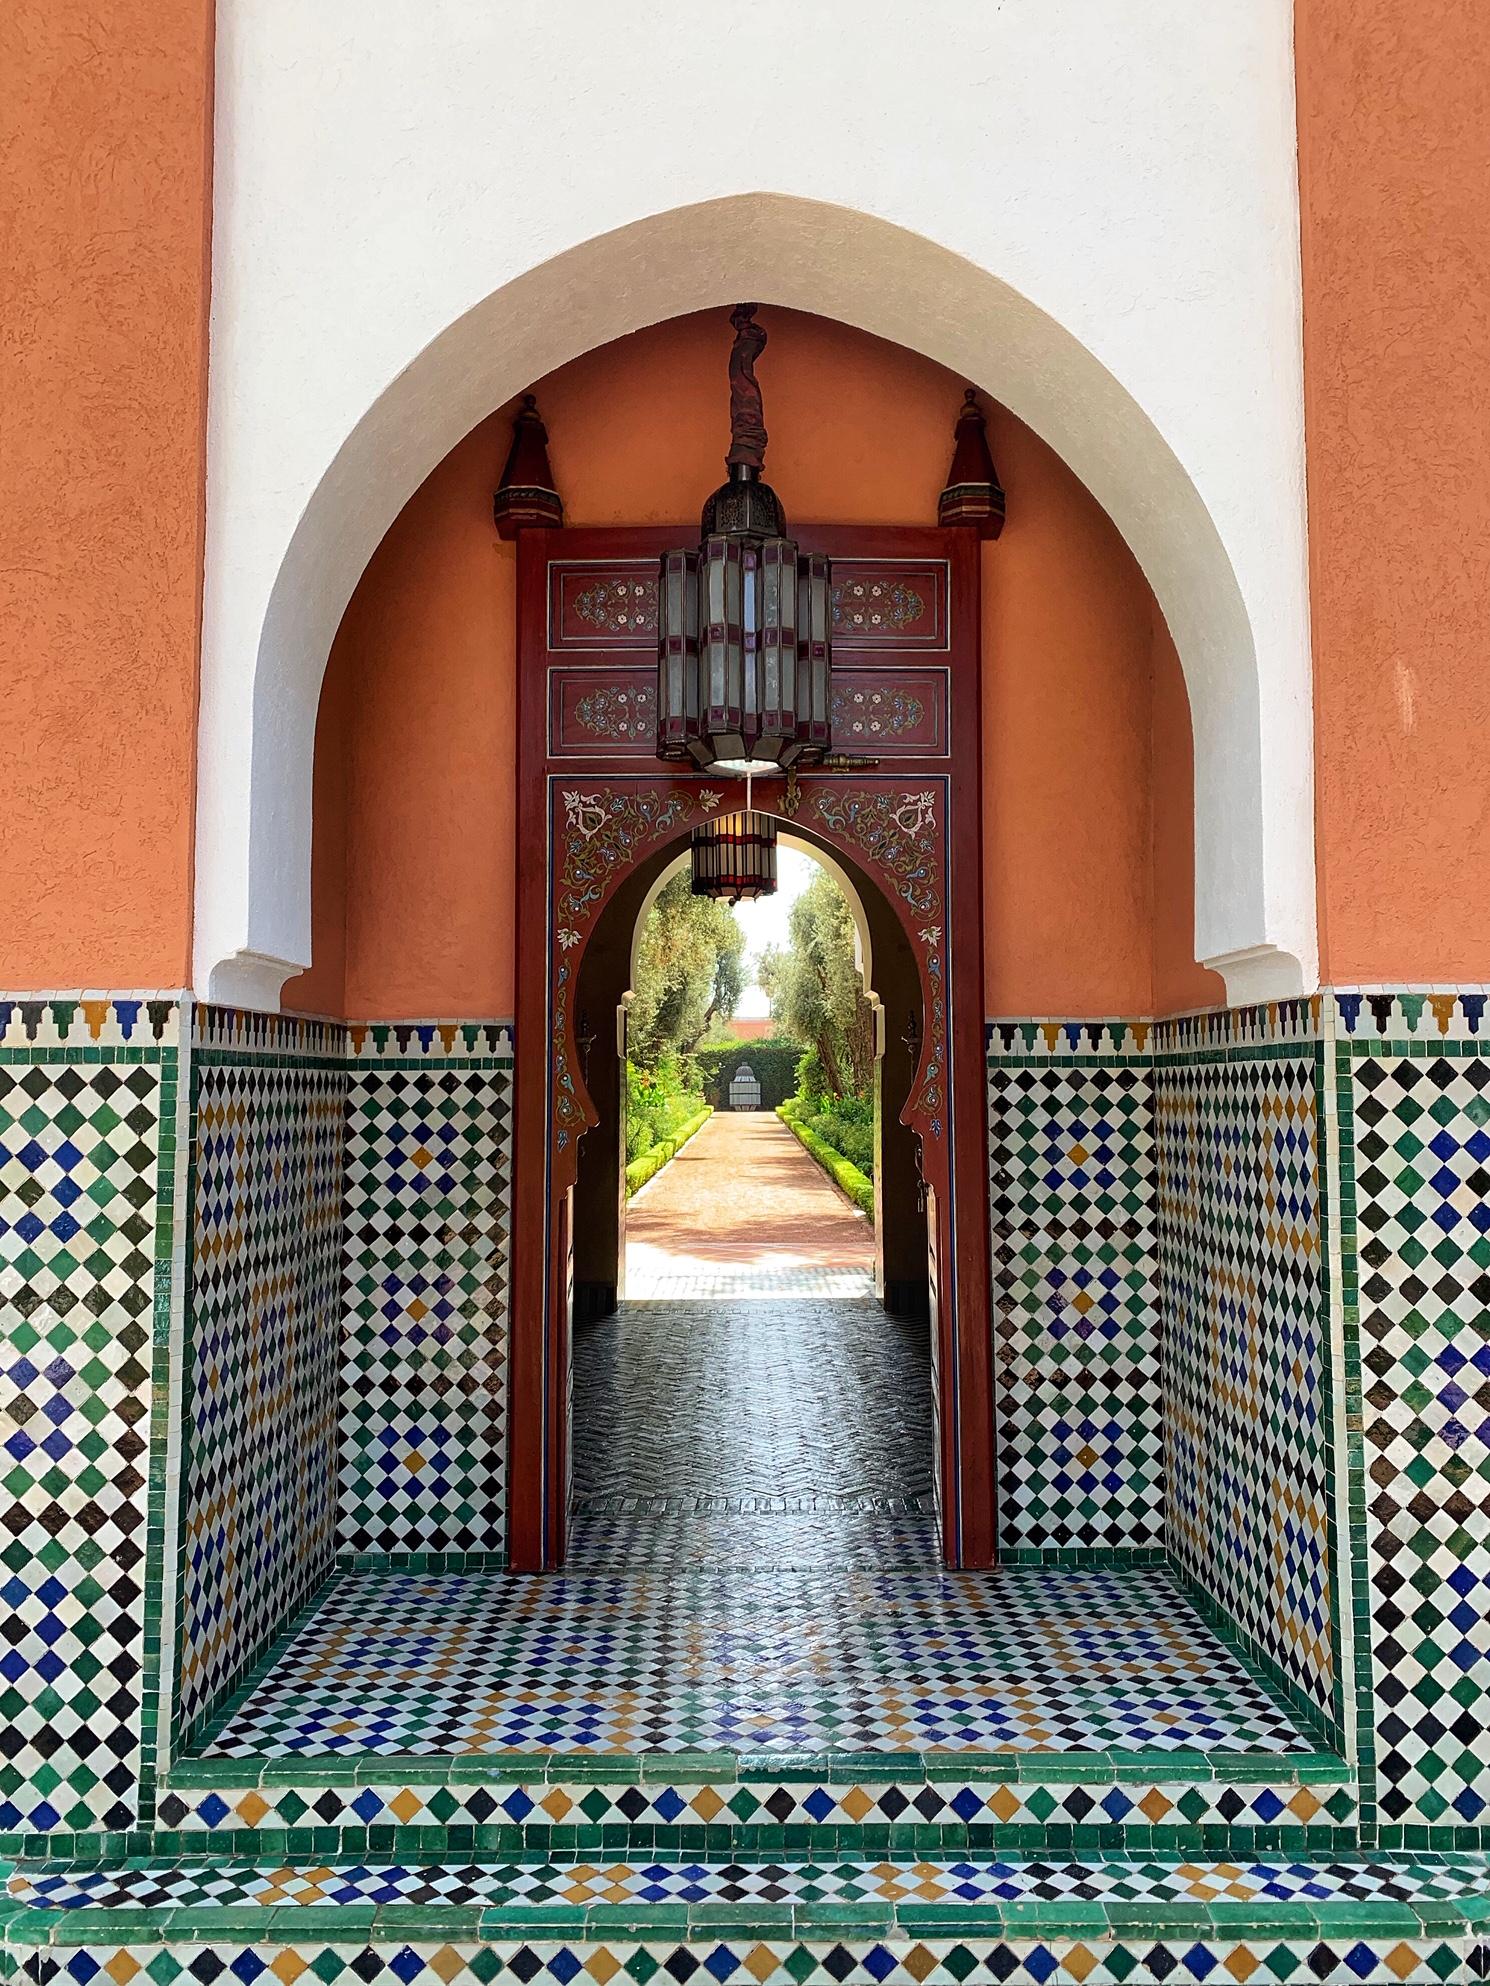 la mamounia, marrakech, the-alyst.com